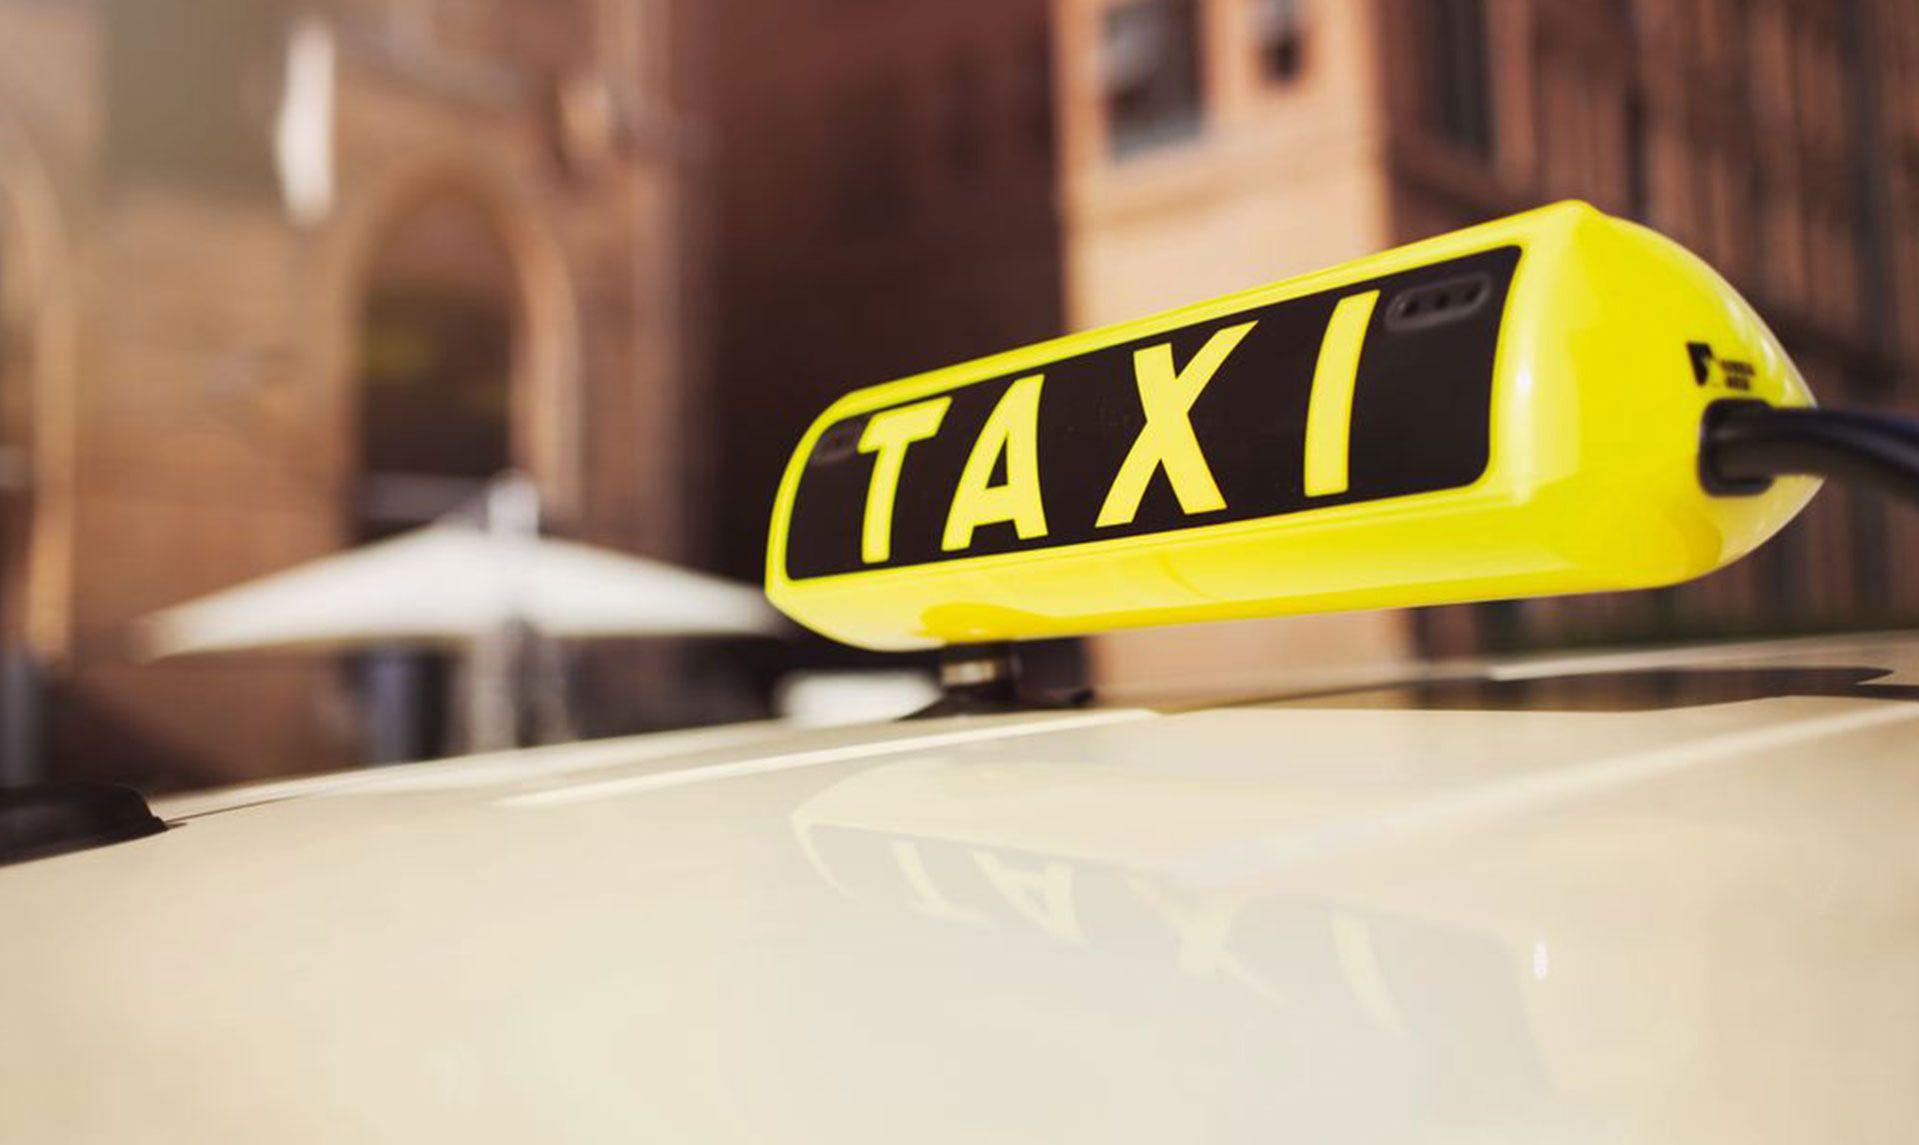 2020_03_STA_Nfz_Zentrum_OS_Taxi_01